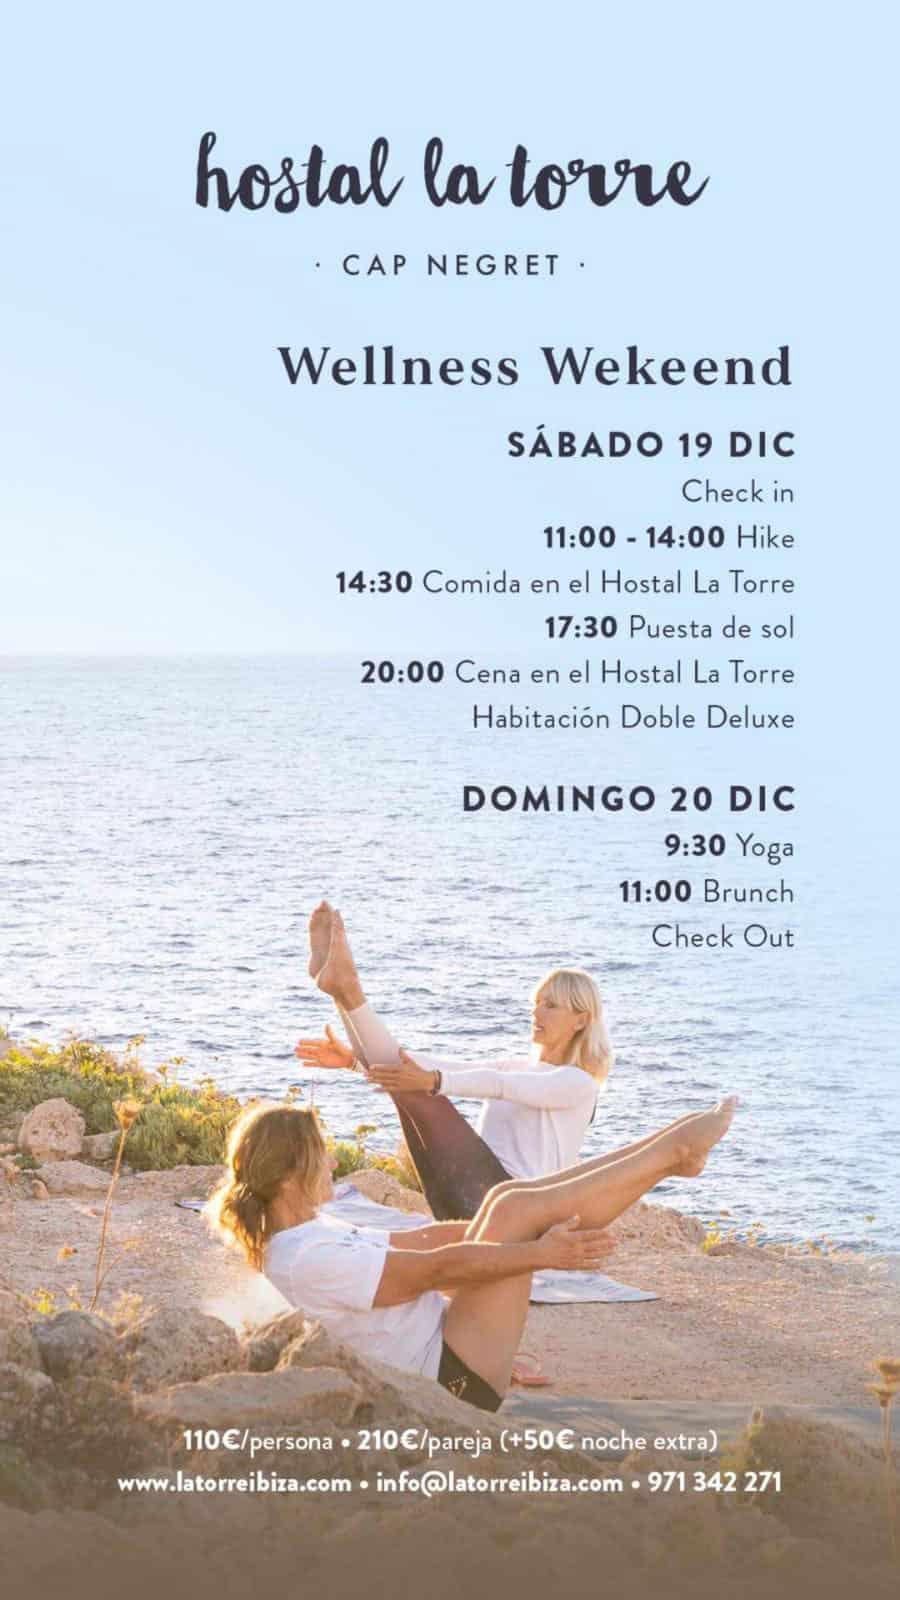 wellness-weekend-hostal-la-torre-ibiza-2020-welcometoibiza